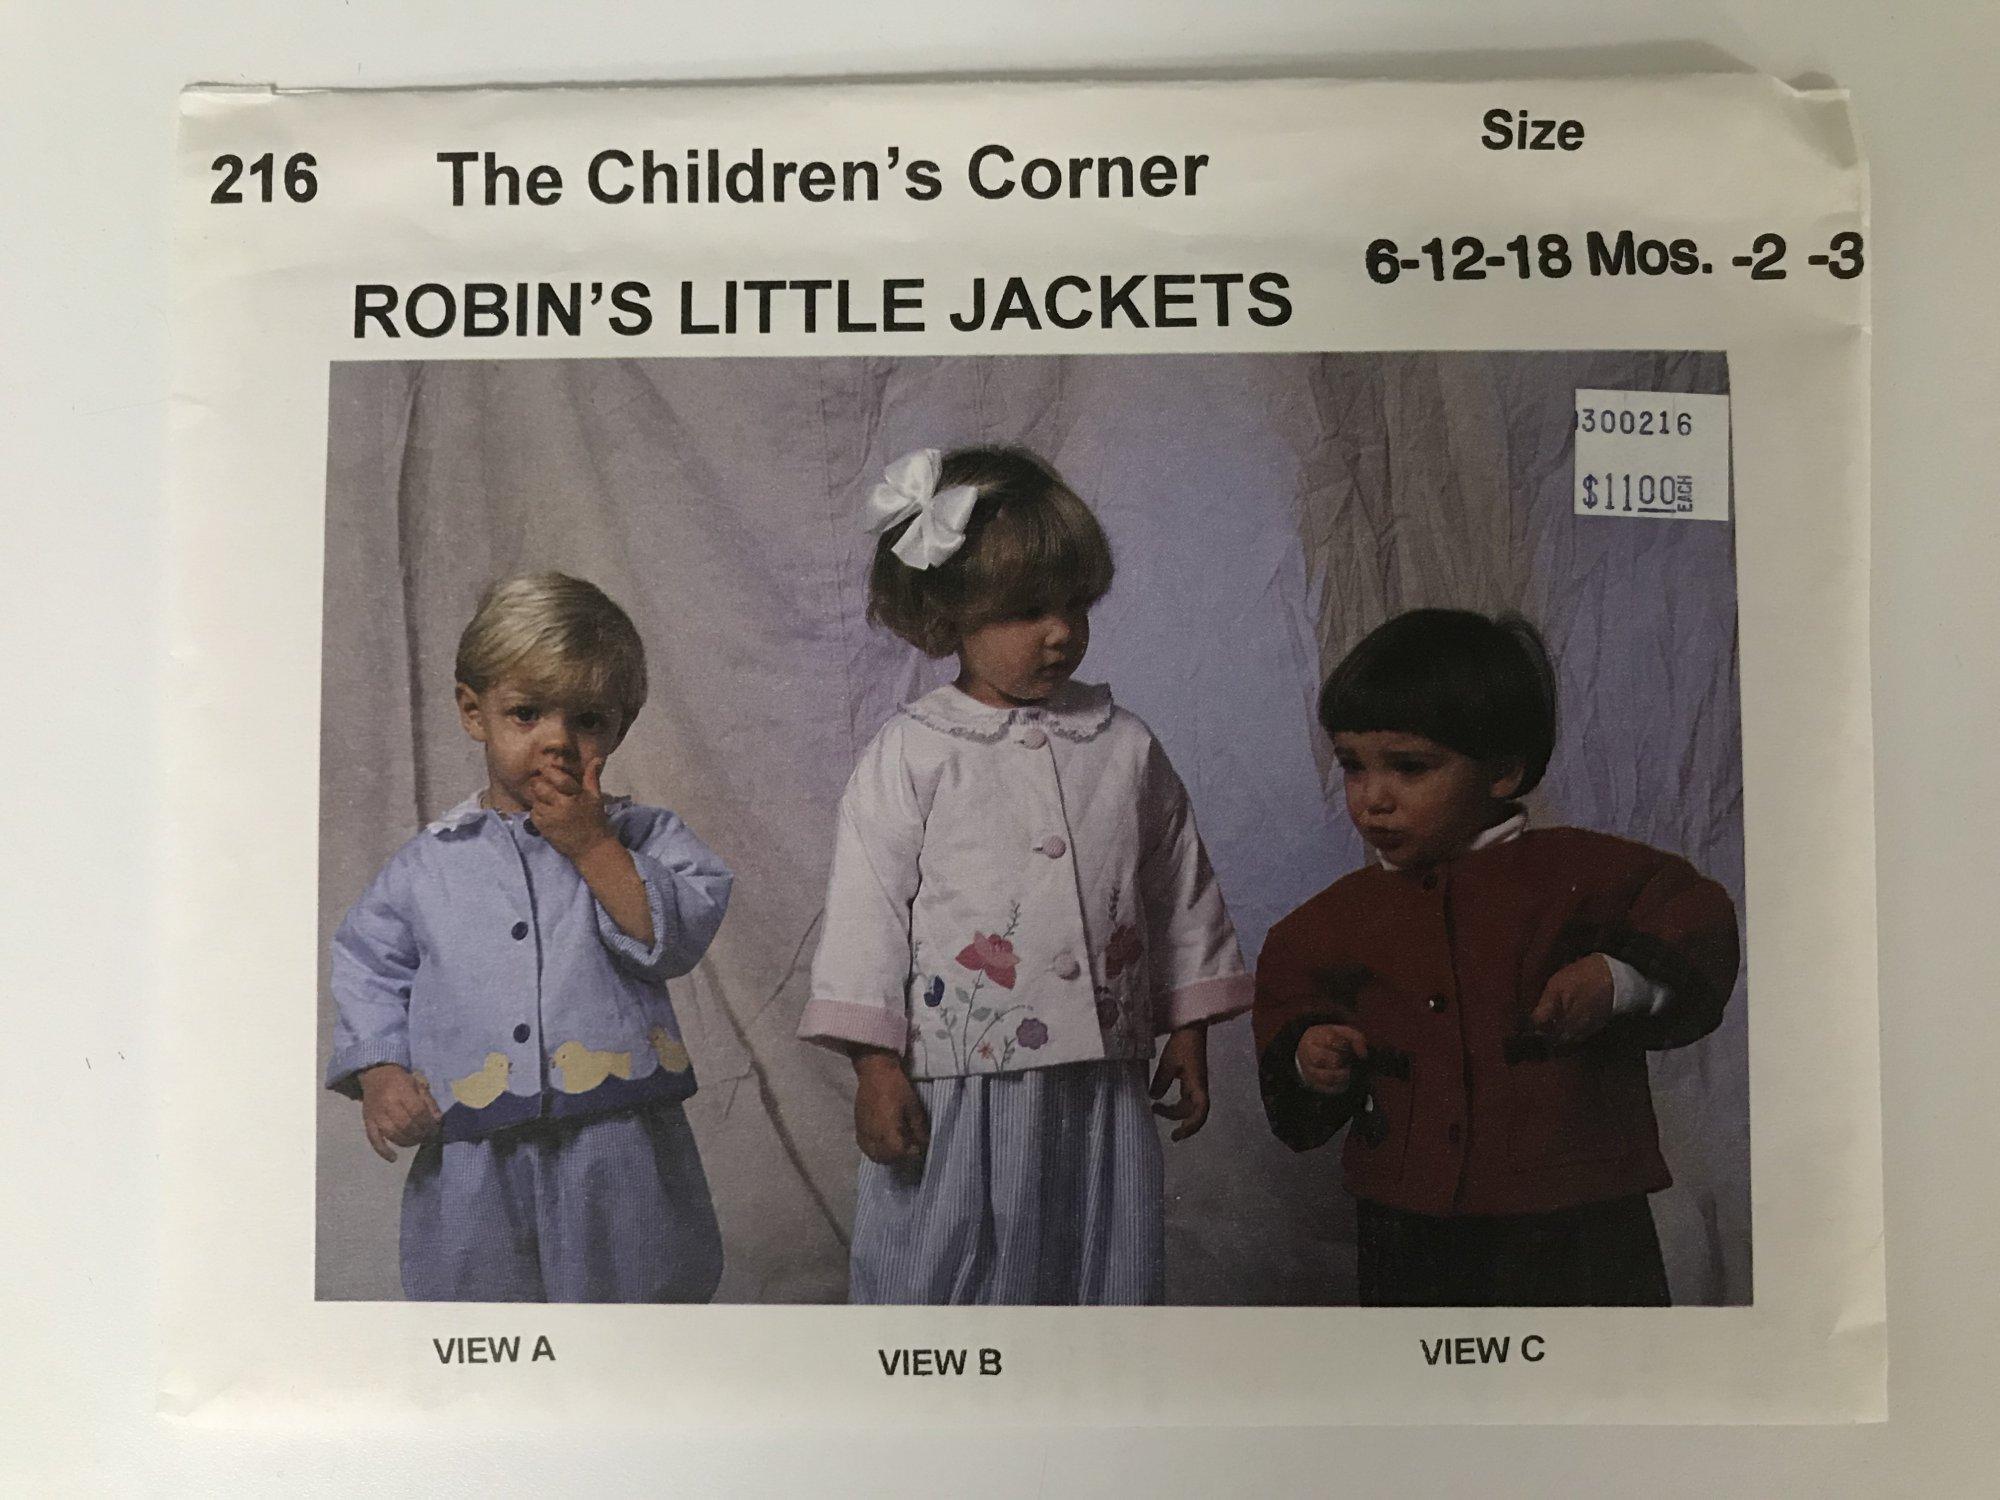 CHILDREN'S CORNER ROBIN'S LITTLE JACKET